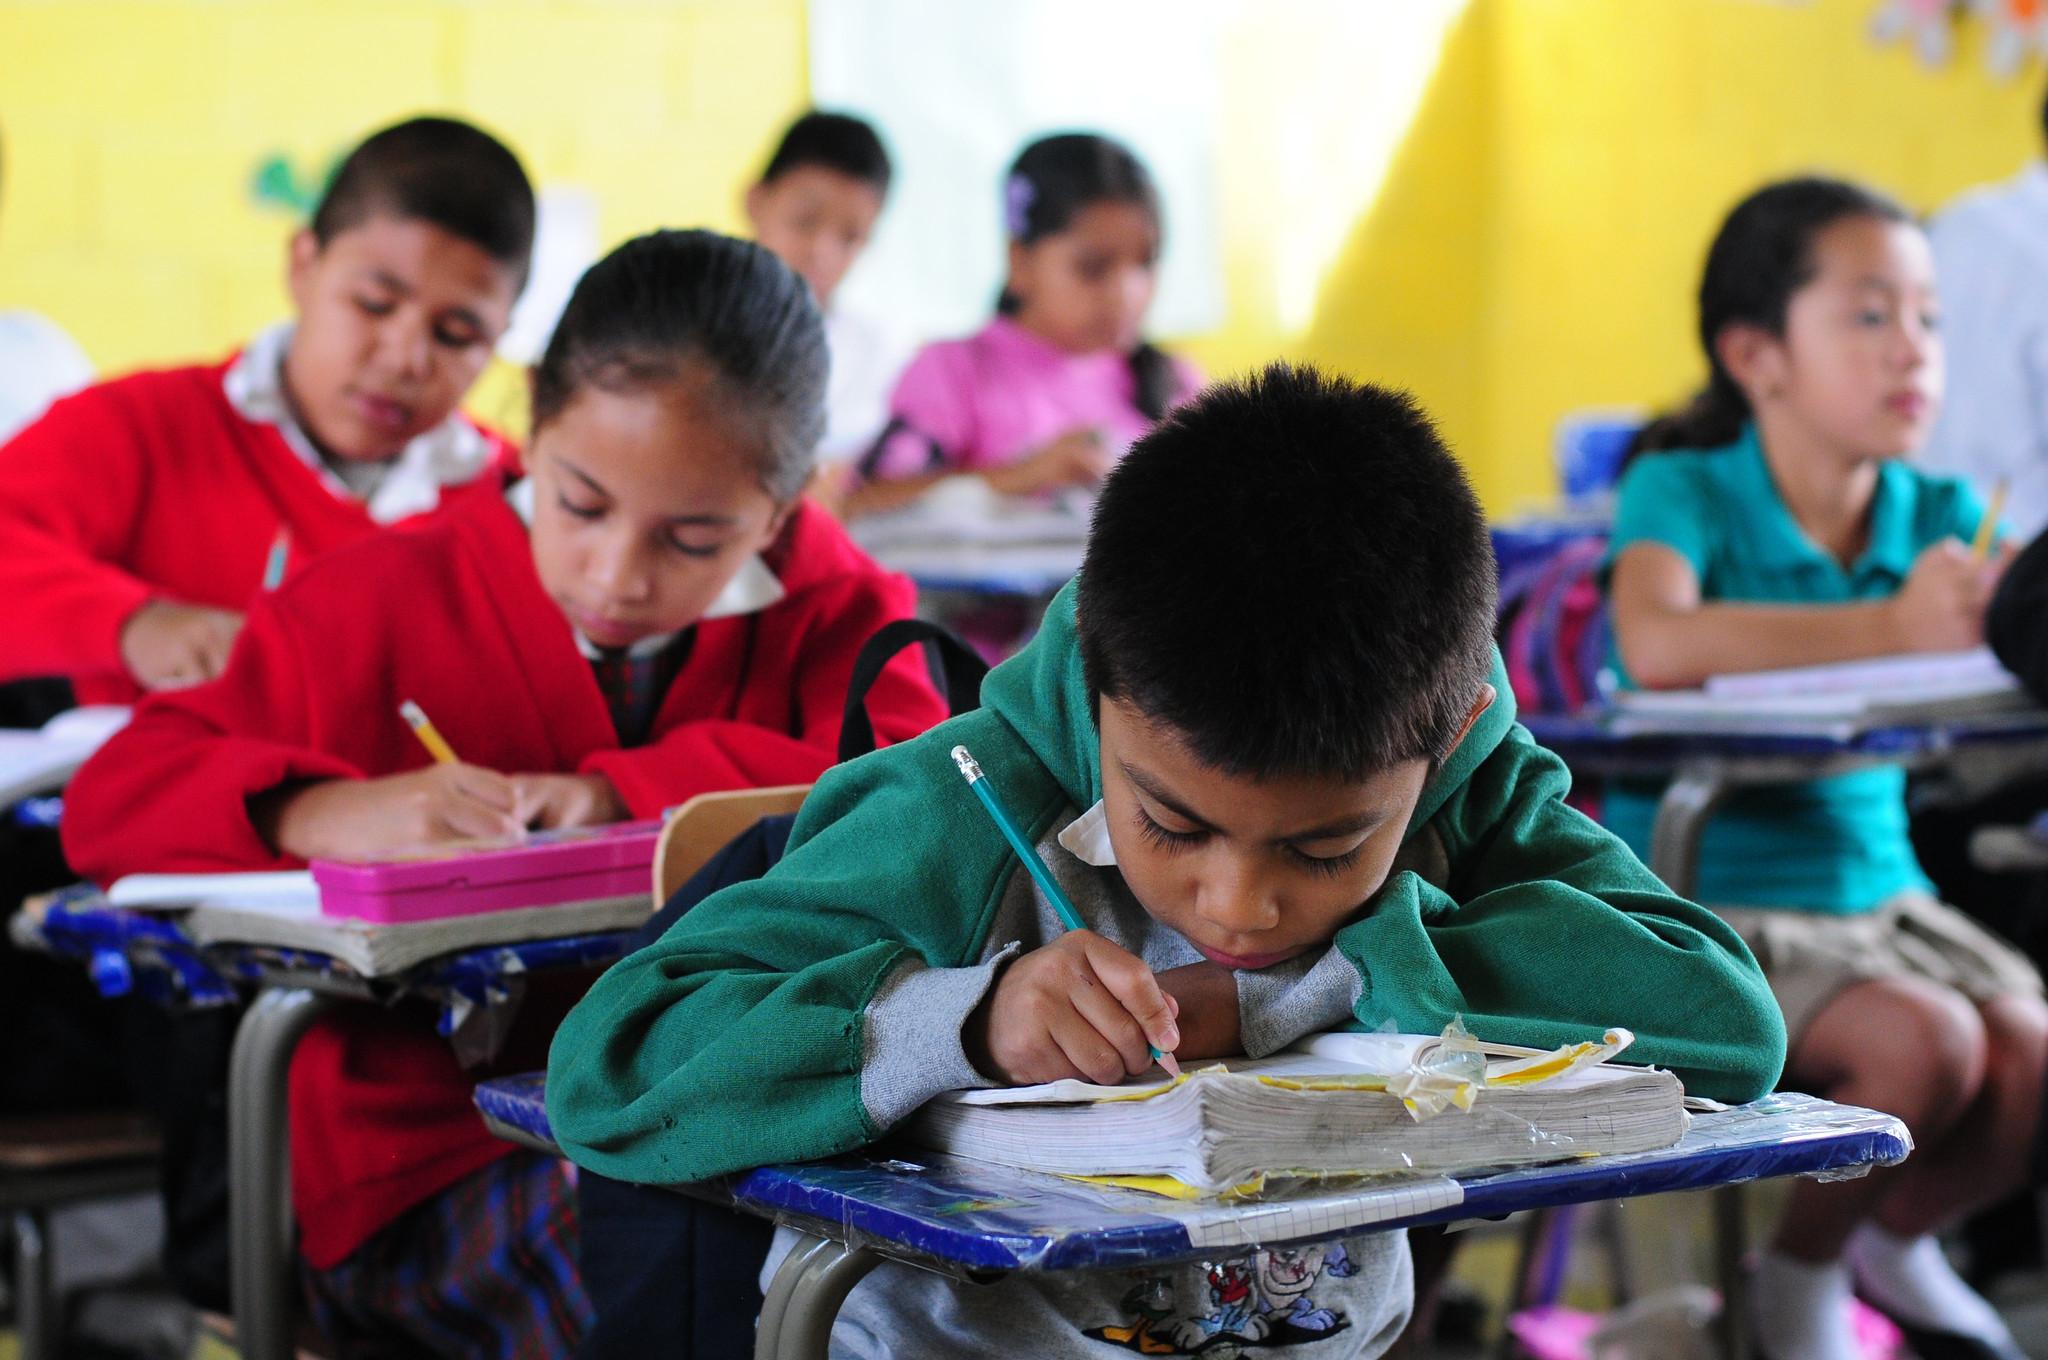 In Spanish: Una pictura del Renacimiento School in Villa Nueva Guatemala